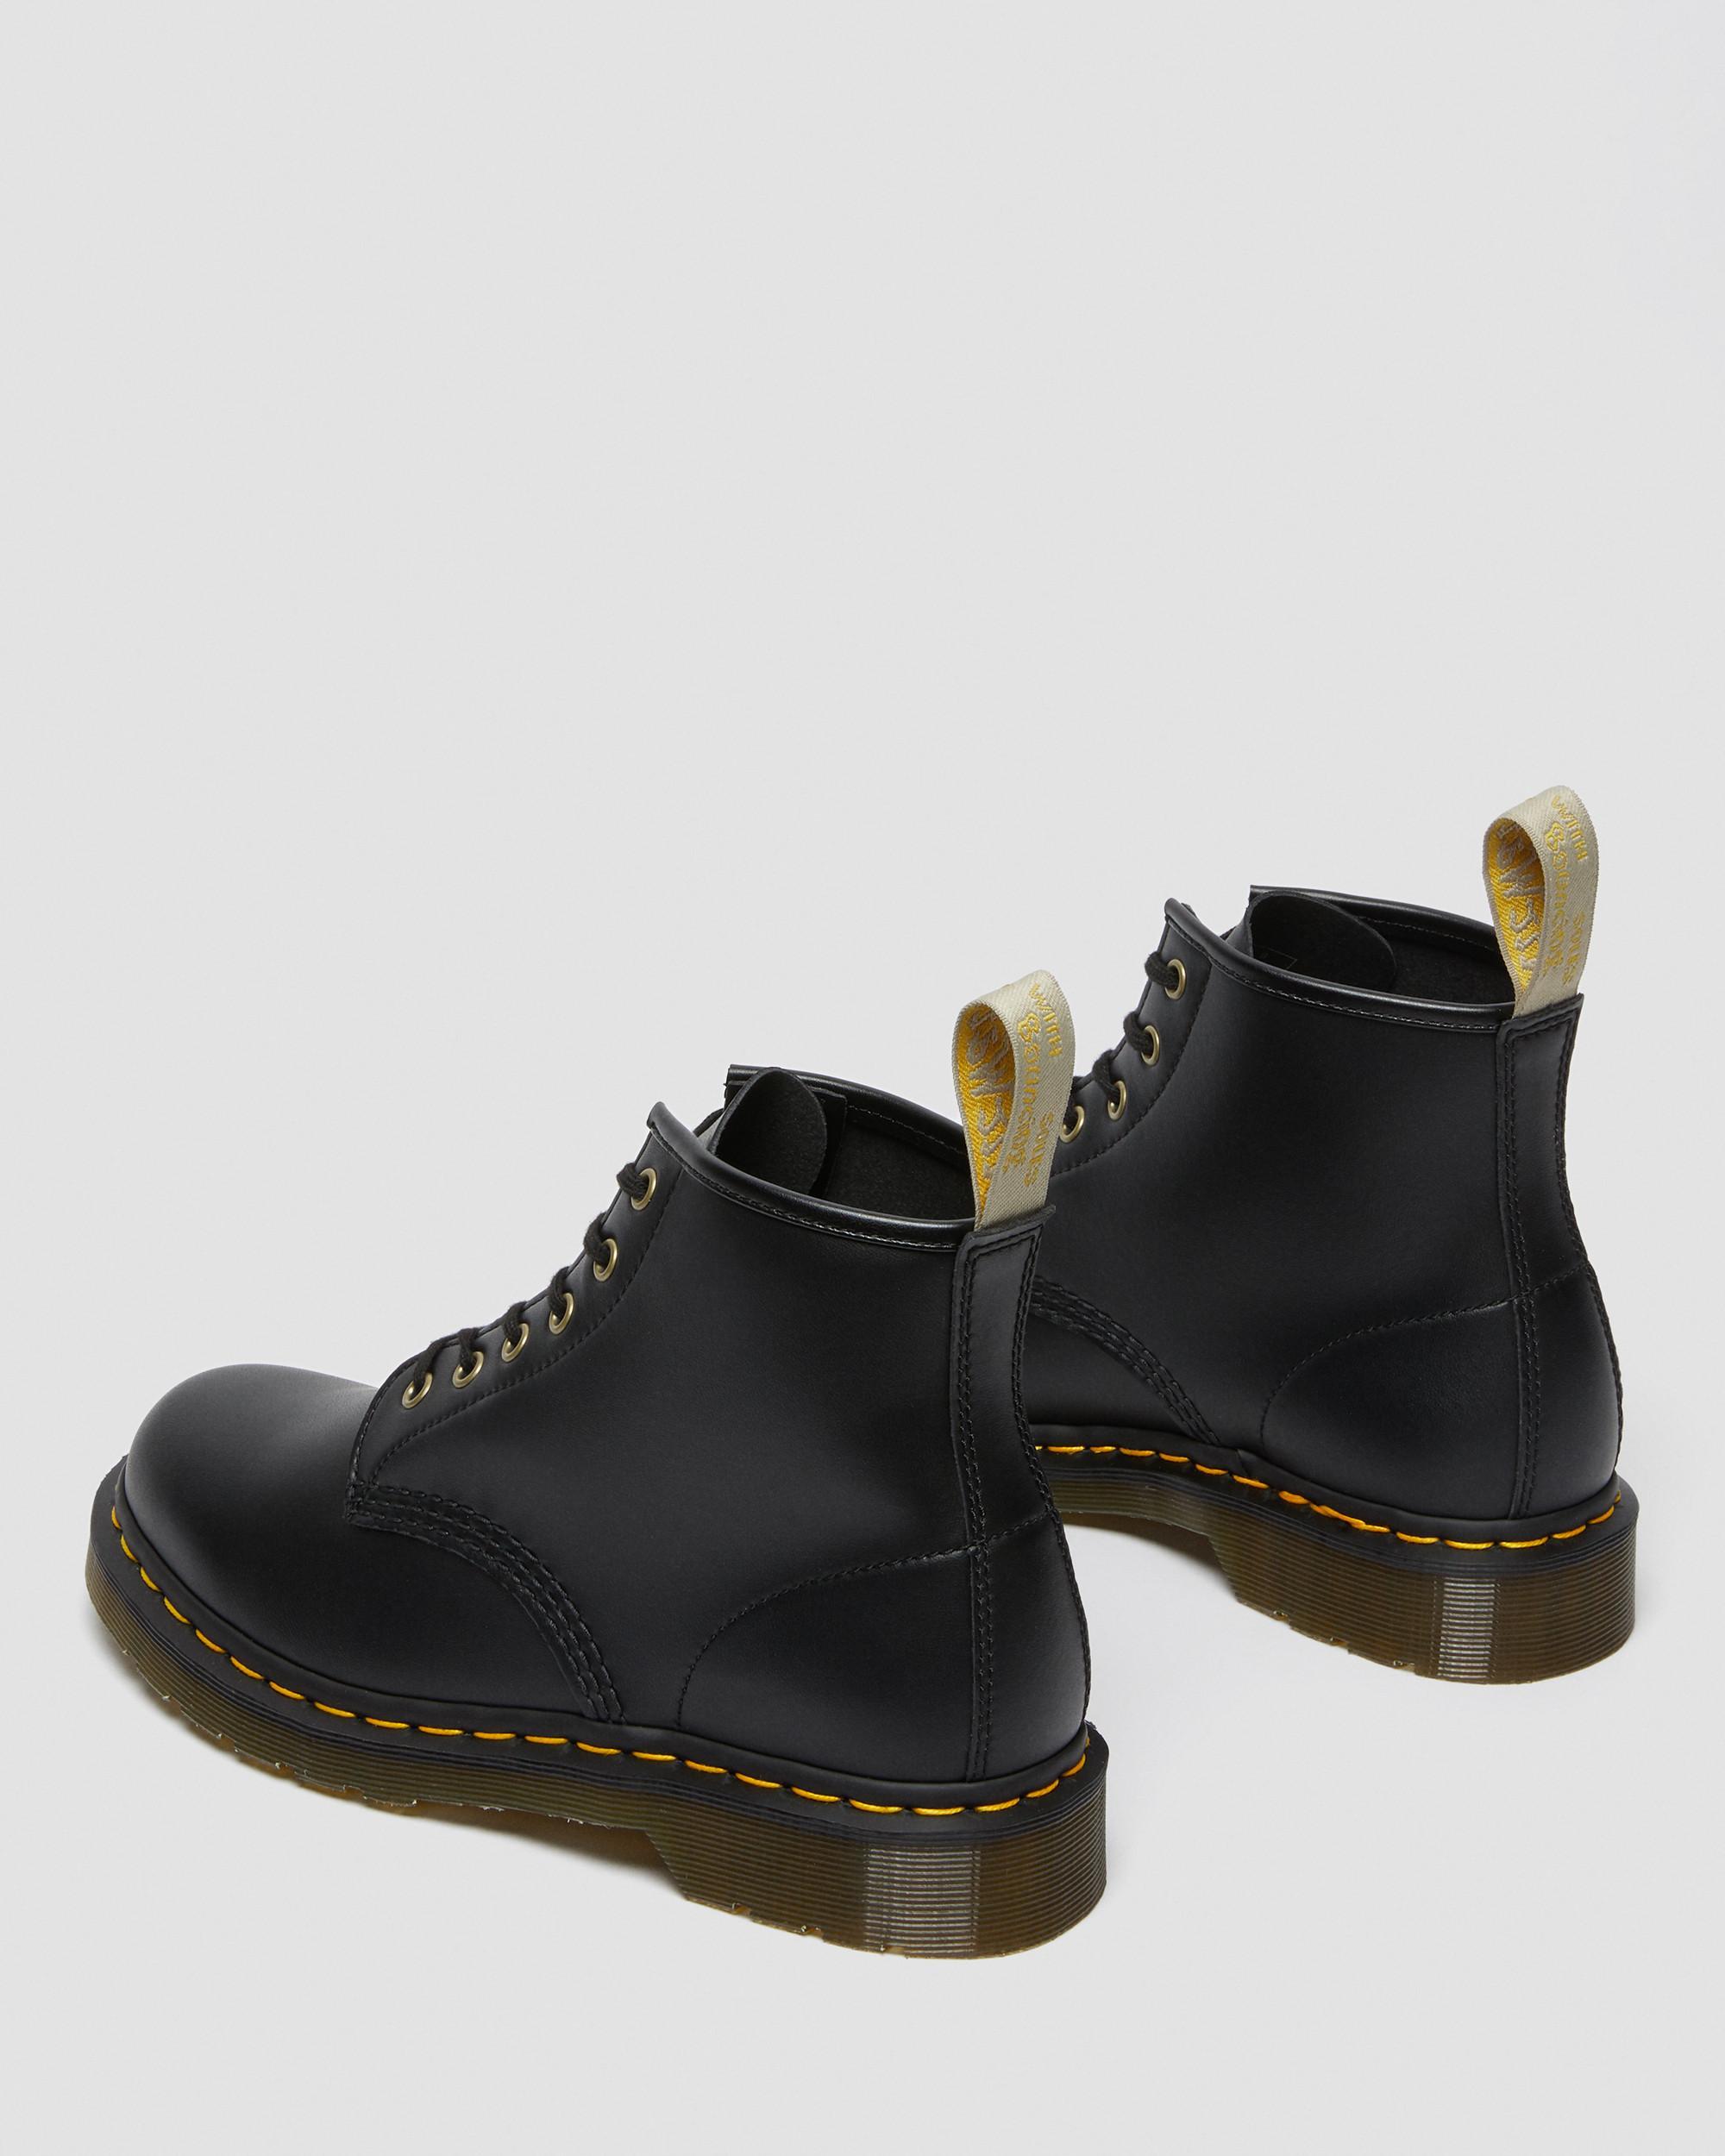 Dr. Martens 1460 Kolbert Black Felix Rub Off Damen Boots Stiefel Schuhe Schwarz, Größe:40